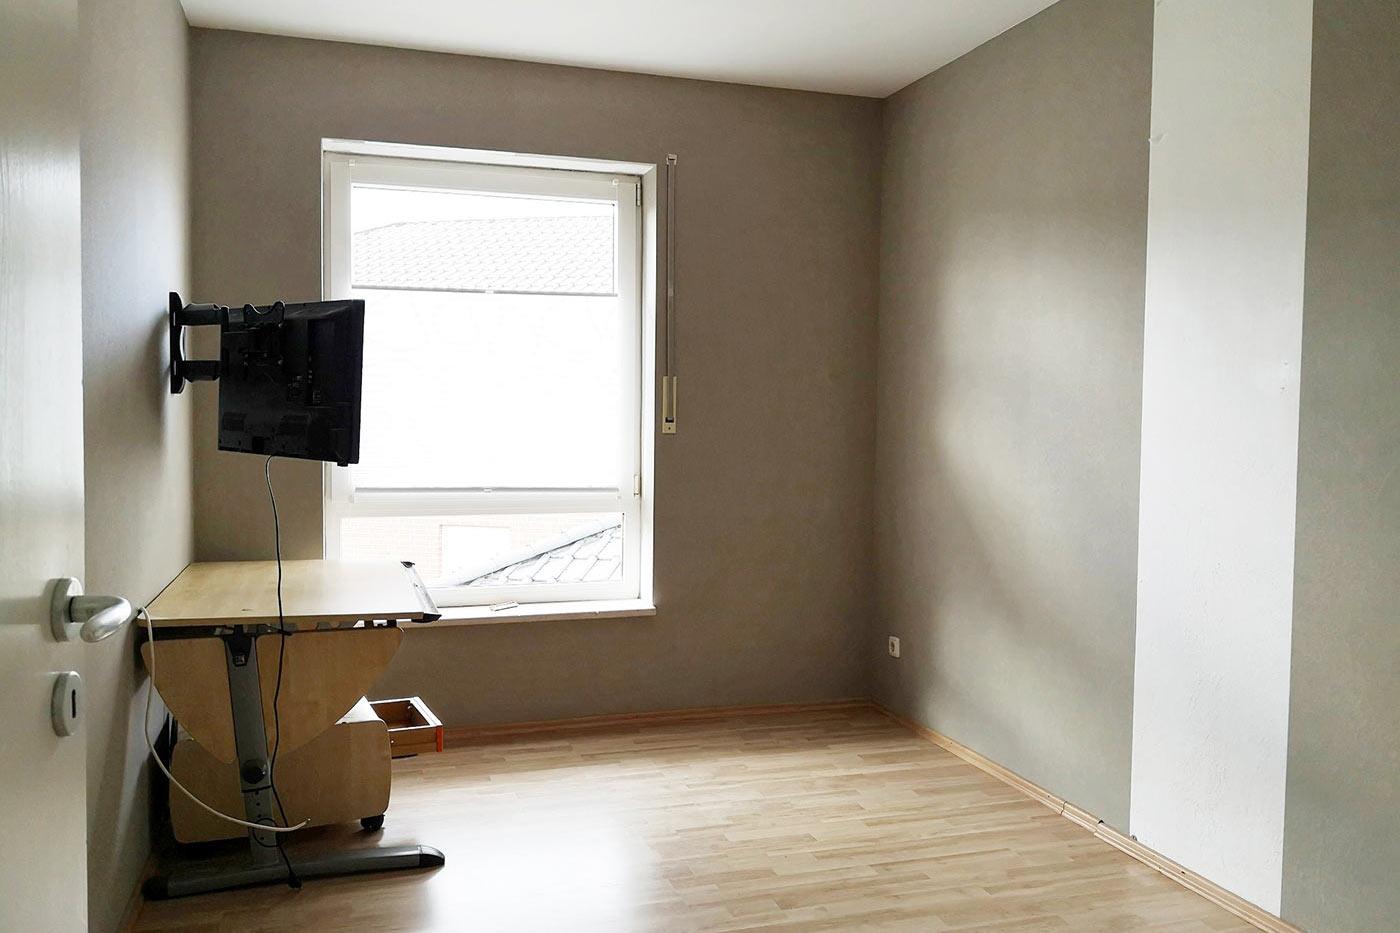 Vorher Foto vom Arbeitszimmer. Arbeitszimmer vor dem Homestaging durch Blickfang Homestaging in Soest